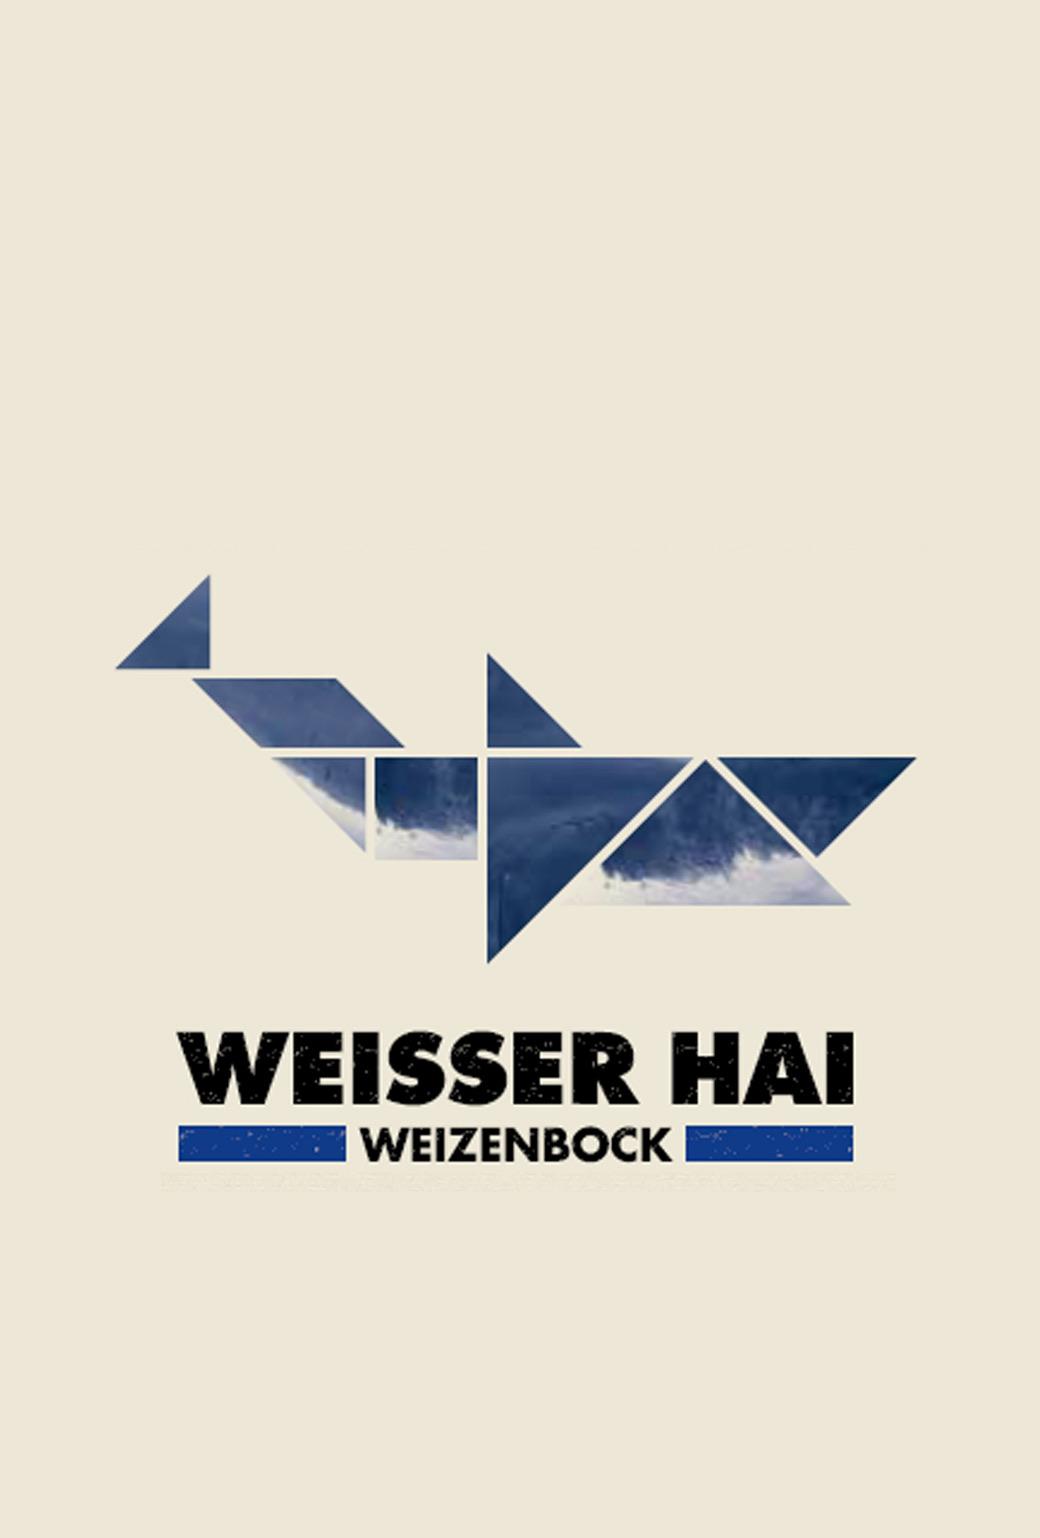 Veto – Weisser Hai (Hopferei Hertrich)